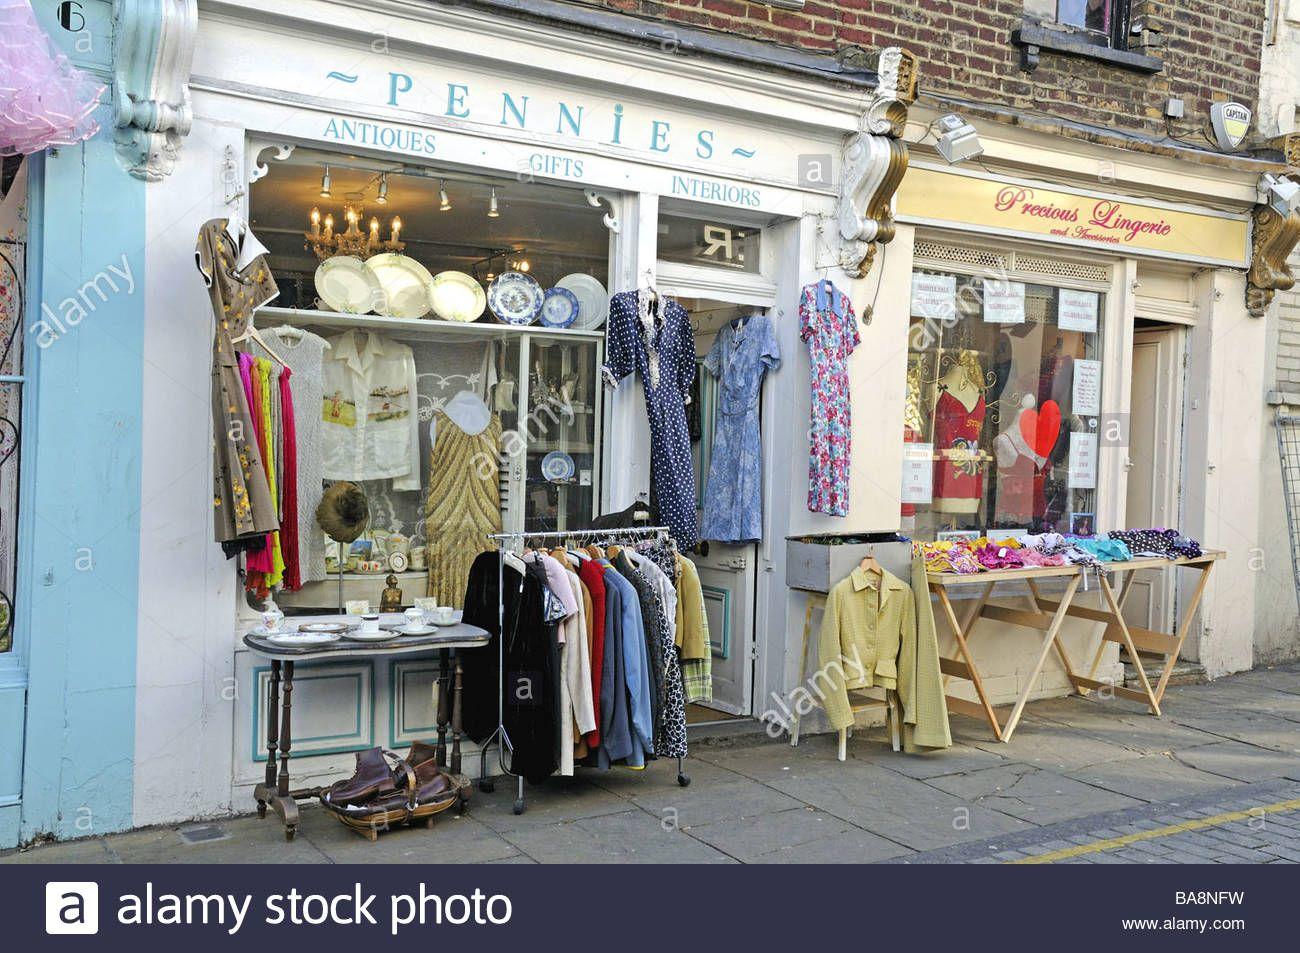 Vintage Clothing Shop Camden Passage Islington London England Uk